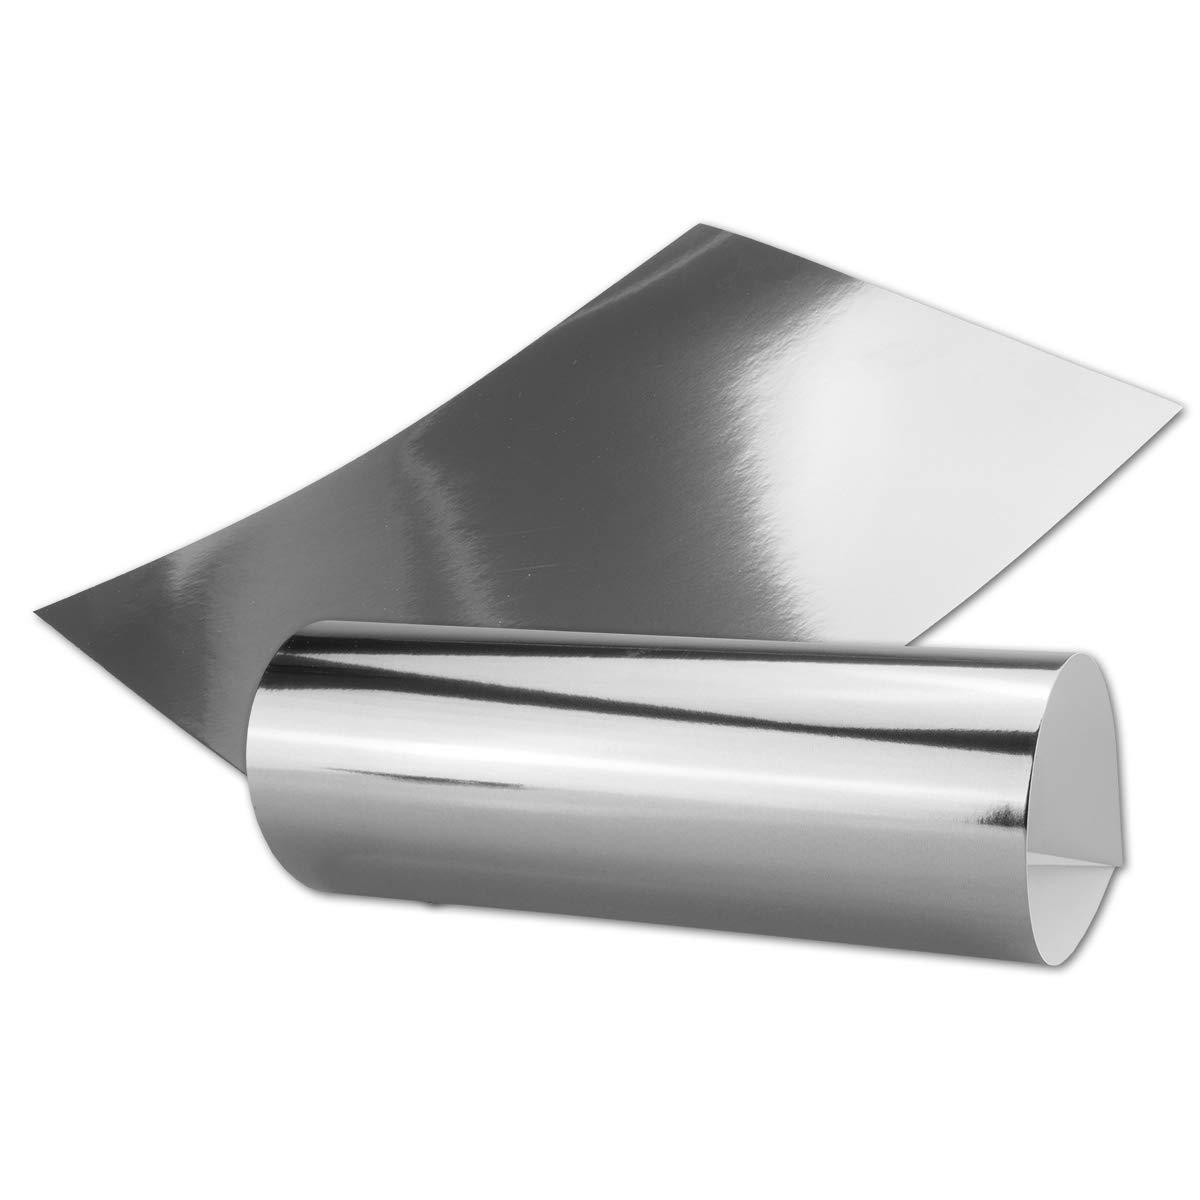 Silber Metall Spiegel Papier   50er-Set   Blanko glänzendes metallic Papier, spiegelnd silber   Rückseite Weiß und Bedruckbar   DIN A4 210 x 295 mm  in hochwertiger Geschenkschachtel Aufbewahrungsbox B07PHTNWD6 | Starker Wert